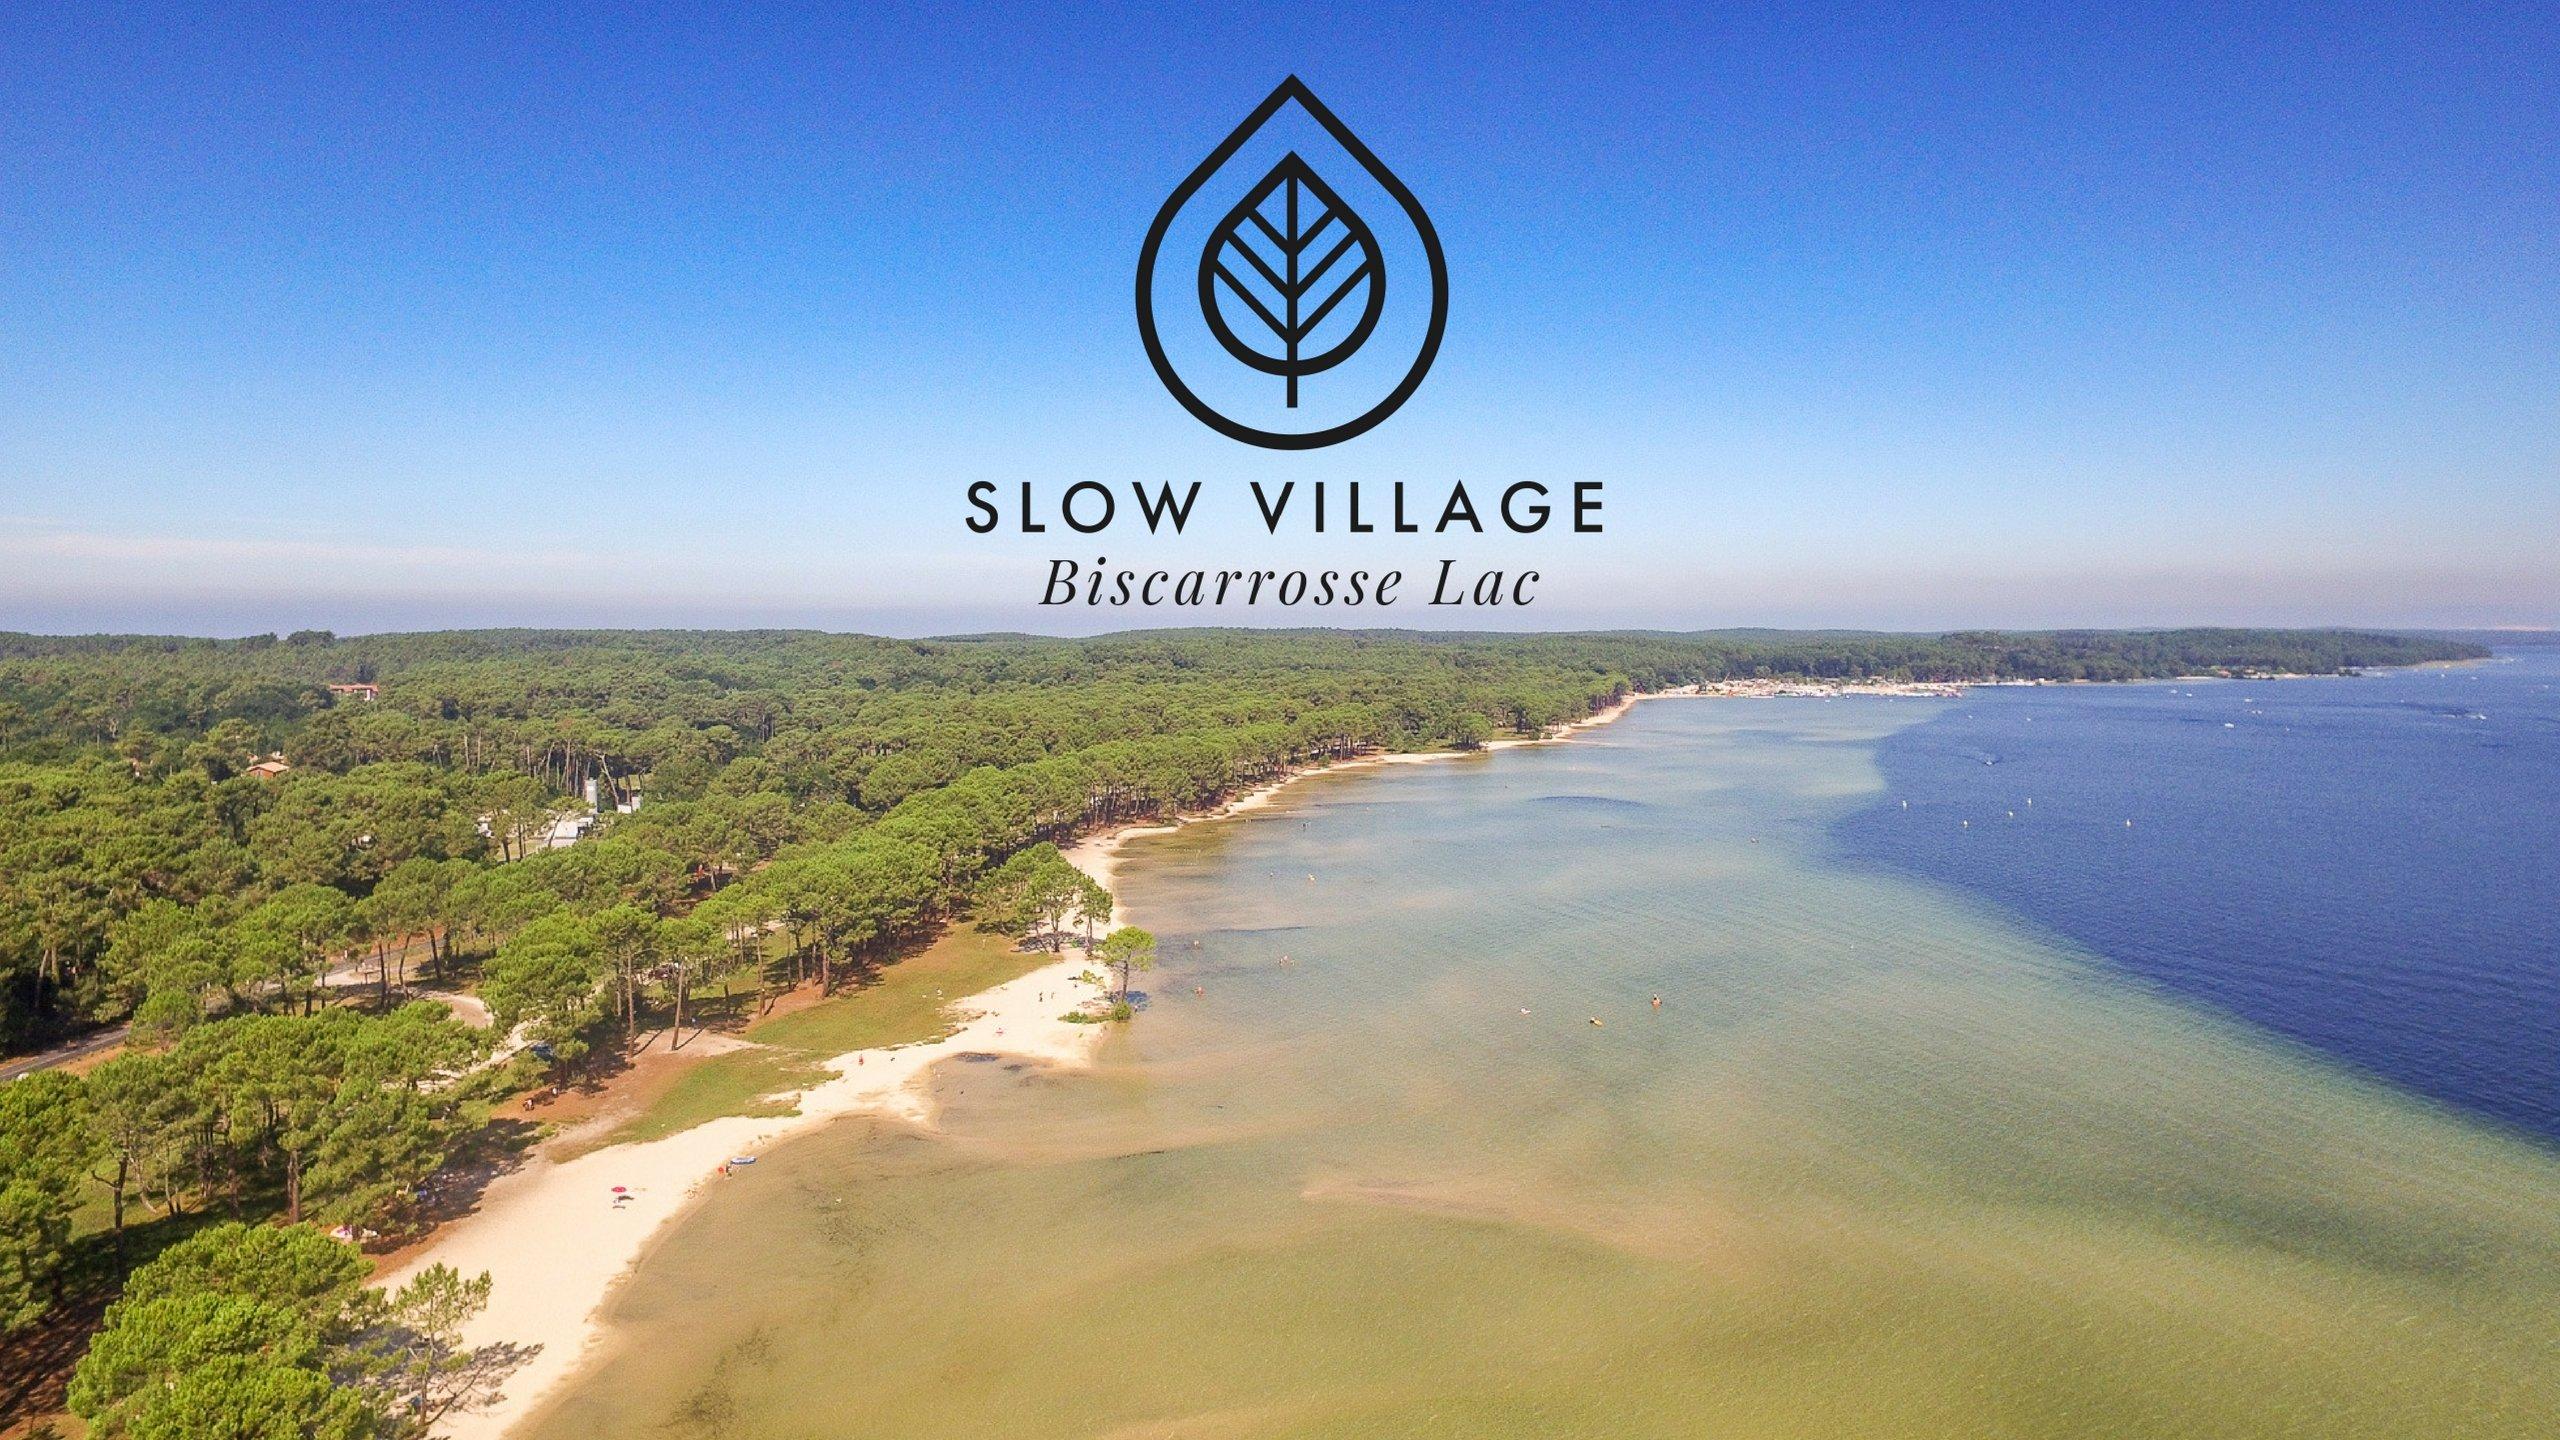 Slow Village Biscarrosse Lac Landes voir les tarifs et avis